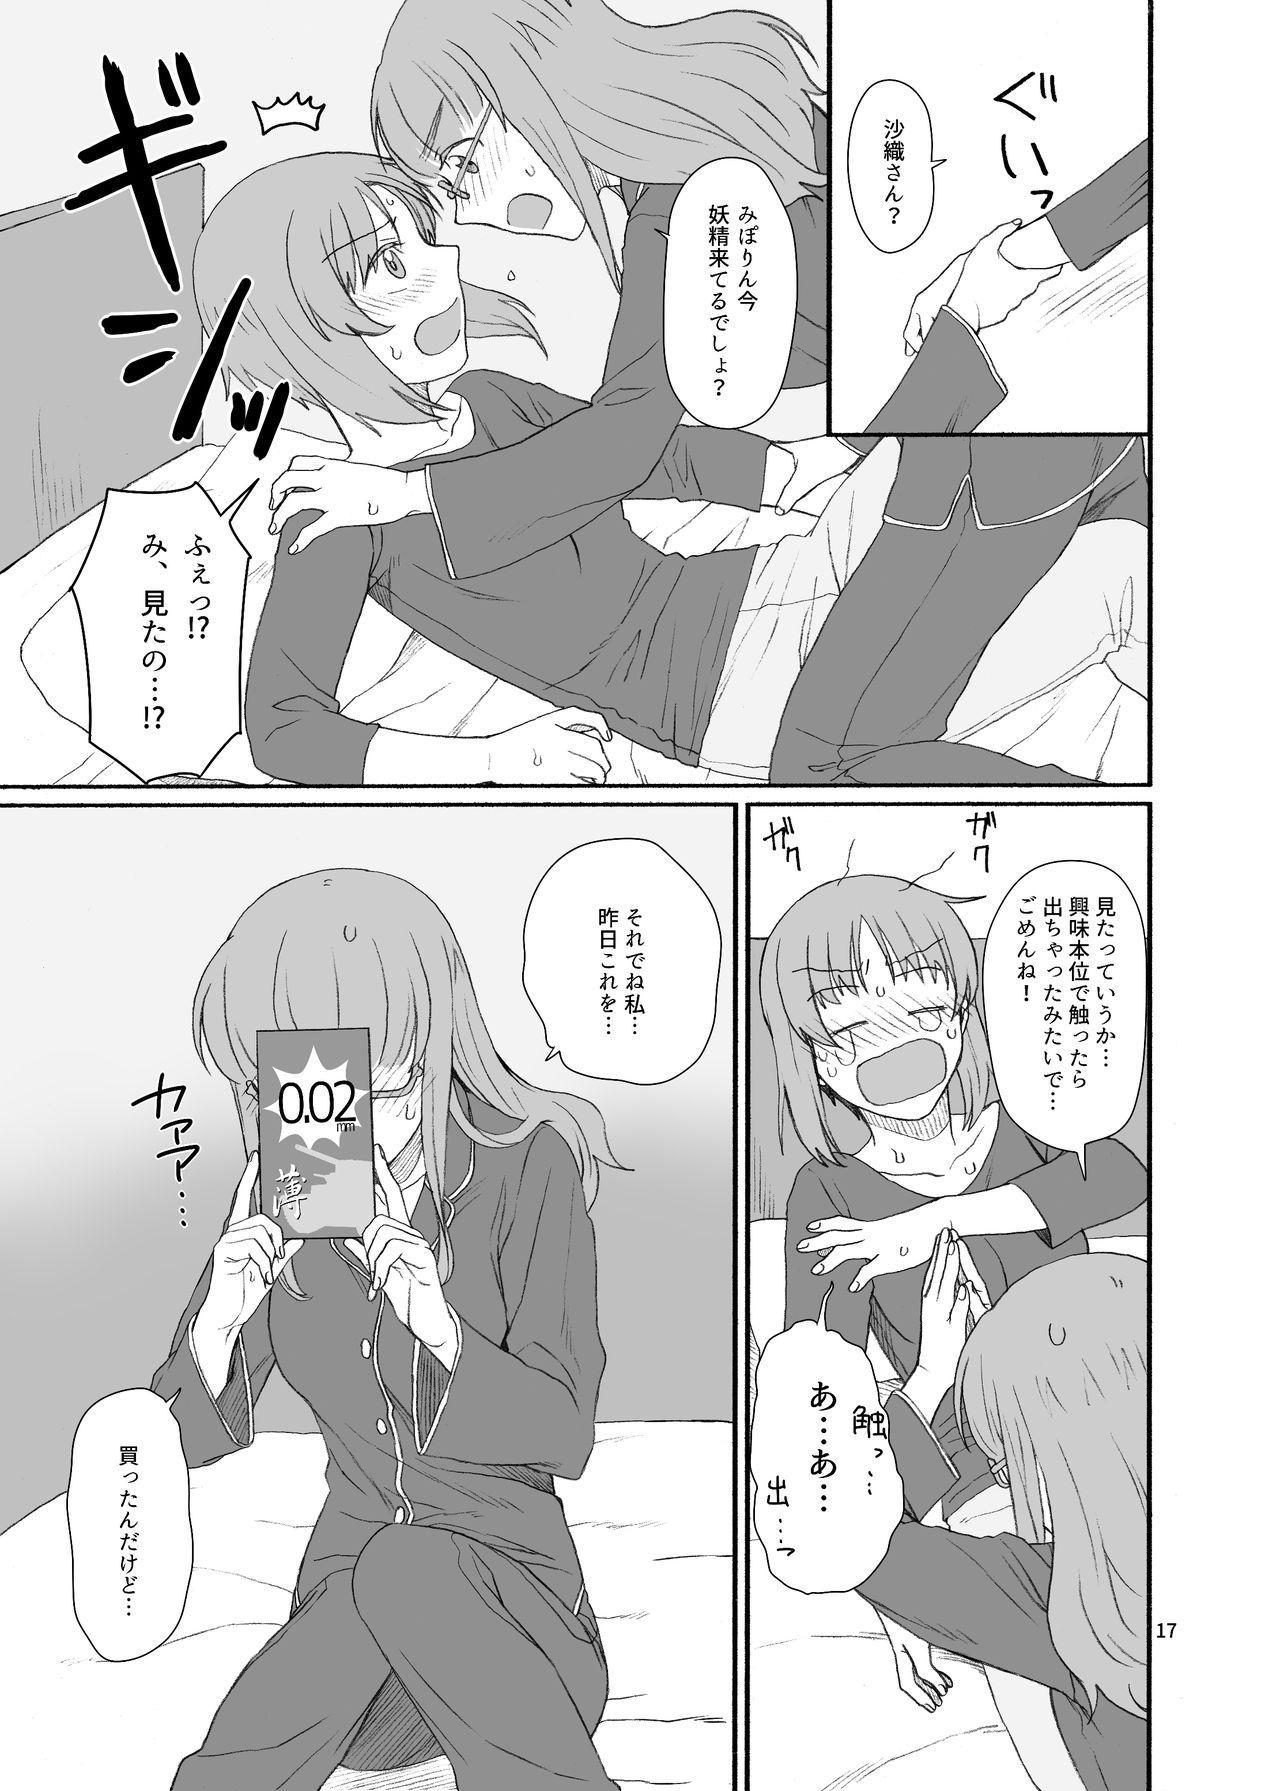 Saori-san, Tsukiatte Kudasai! 15